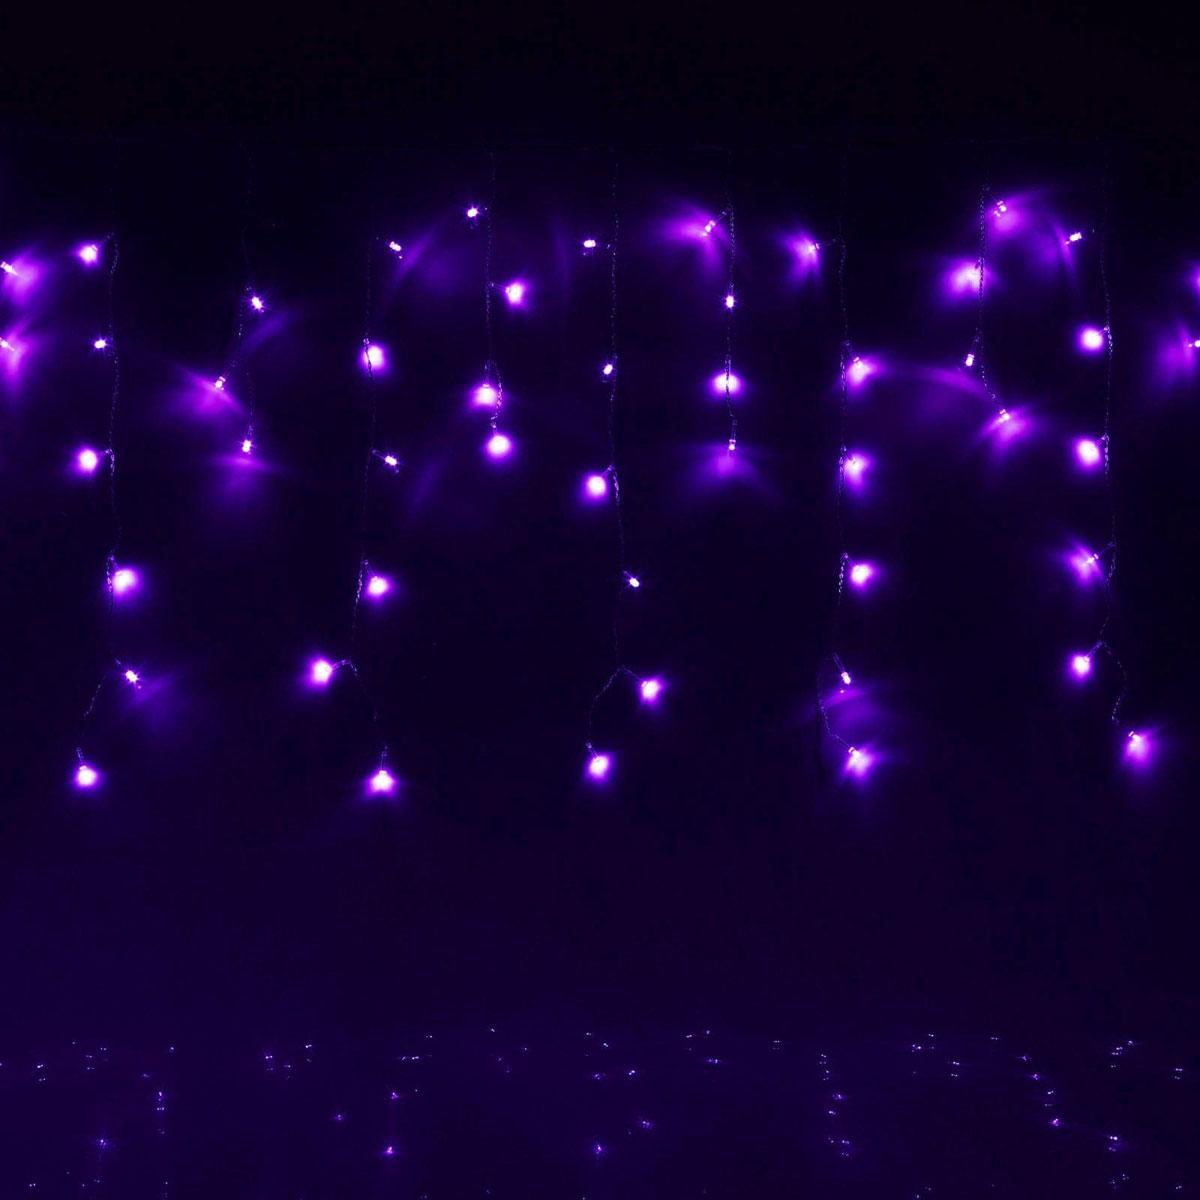 Гирлянда светодиодная Luazon Бахрома, 8 режимов, 60 ламп, 220 V, цвет: фиолетовый, 1,2 х 0,6 м. 187176187176Светодиодные гирлянды, ленты и т.д — это отличный вариант для новогоднего оформления интерьера или фасада. С их помощью помещение любого размера можно превратить в праздничный зал, а внешние элементы зданий, украшенные ими, мгновенно станут напоминать очертания сказочного дворца. Такие украшения создают ауру предвкушения чуда. Деревья, фасады, витрины, окна и арки будто специально созданы, чтобы вы украсили их светящимися нитями.